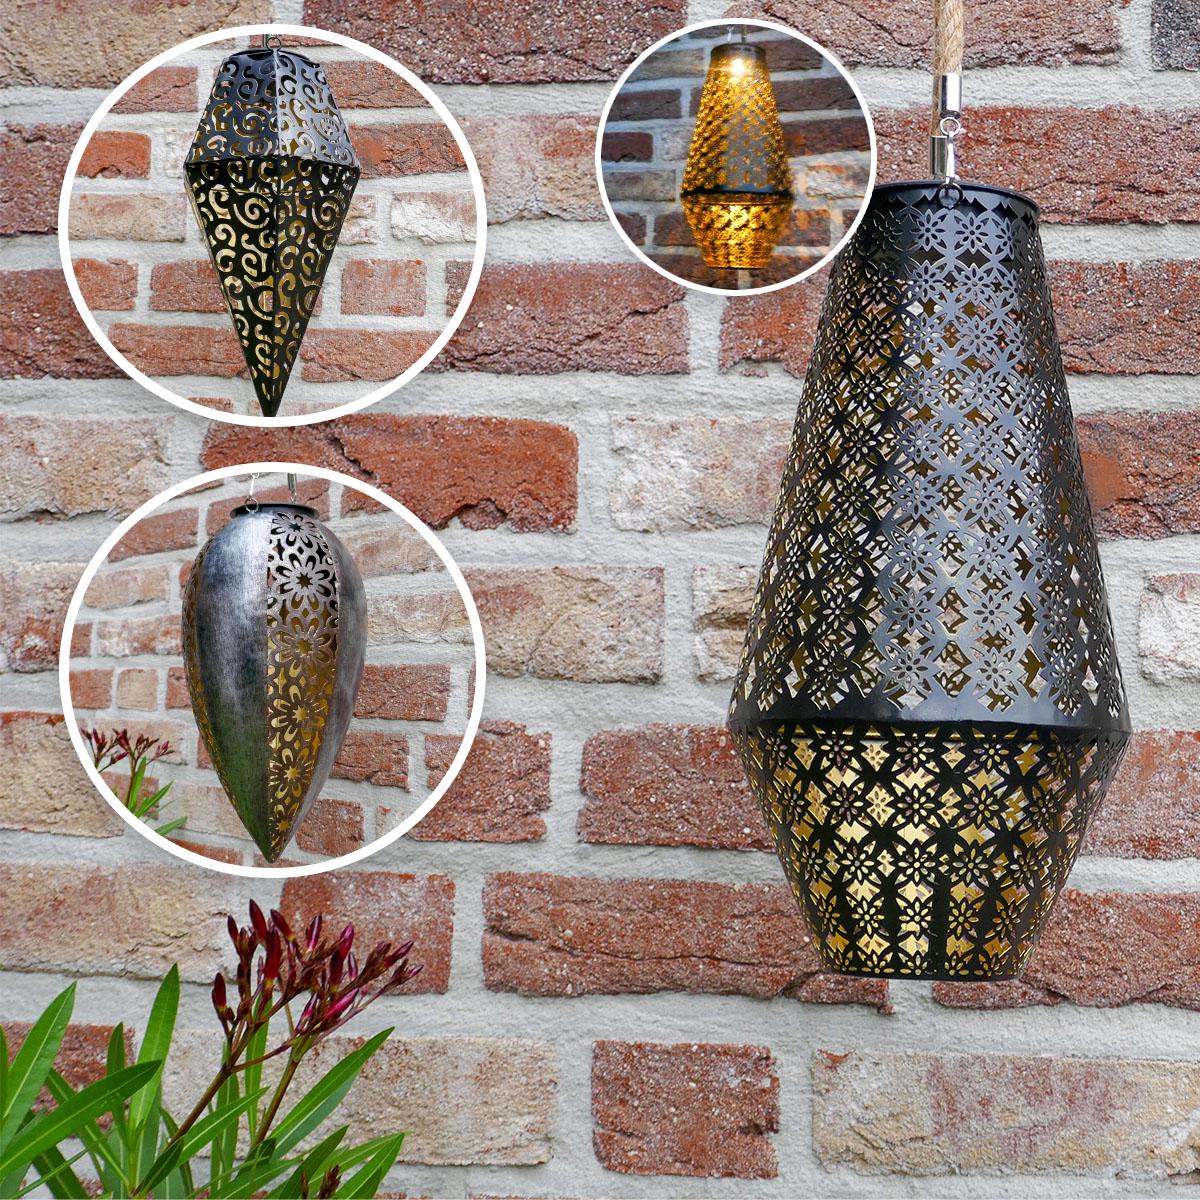 Metall Hängeleuchte im marrokanischen Design mit Solar-Beleuchtung Image